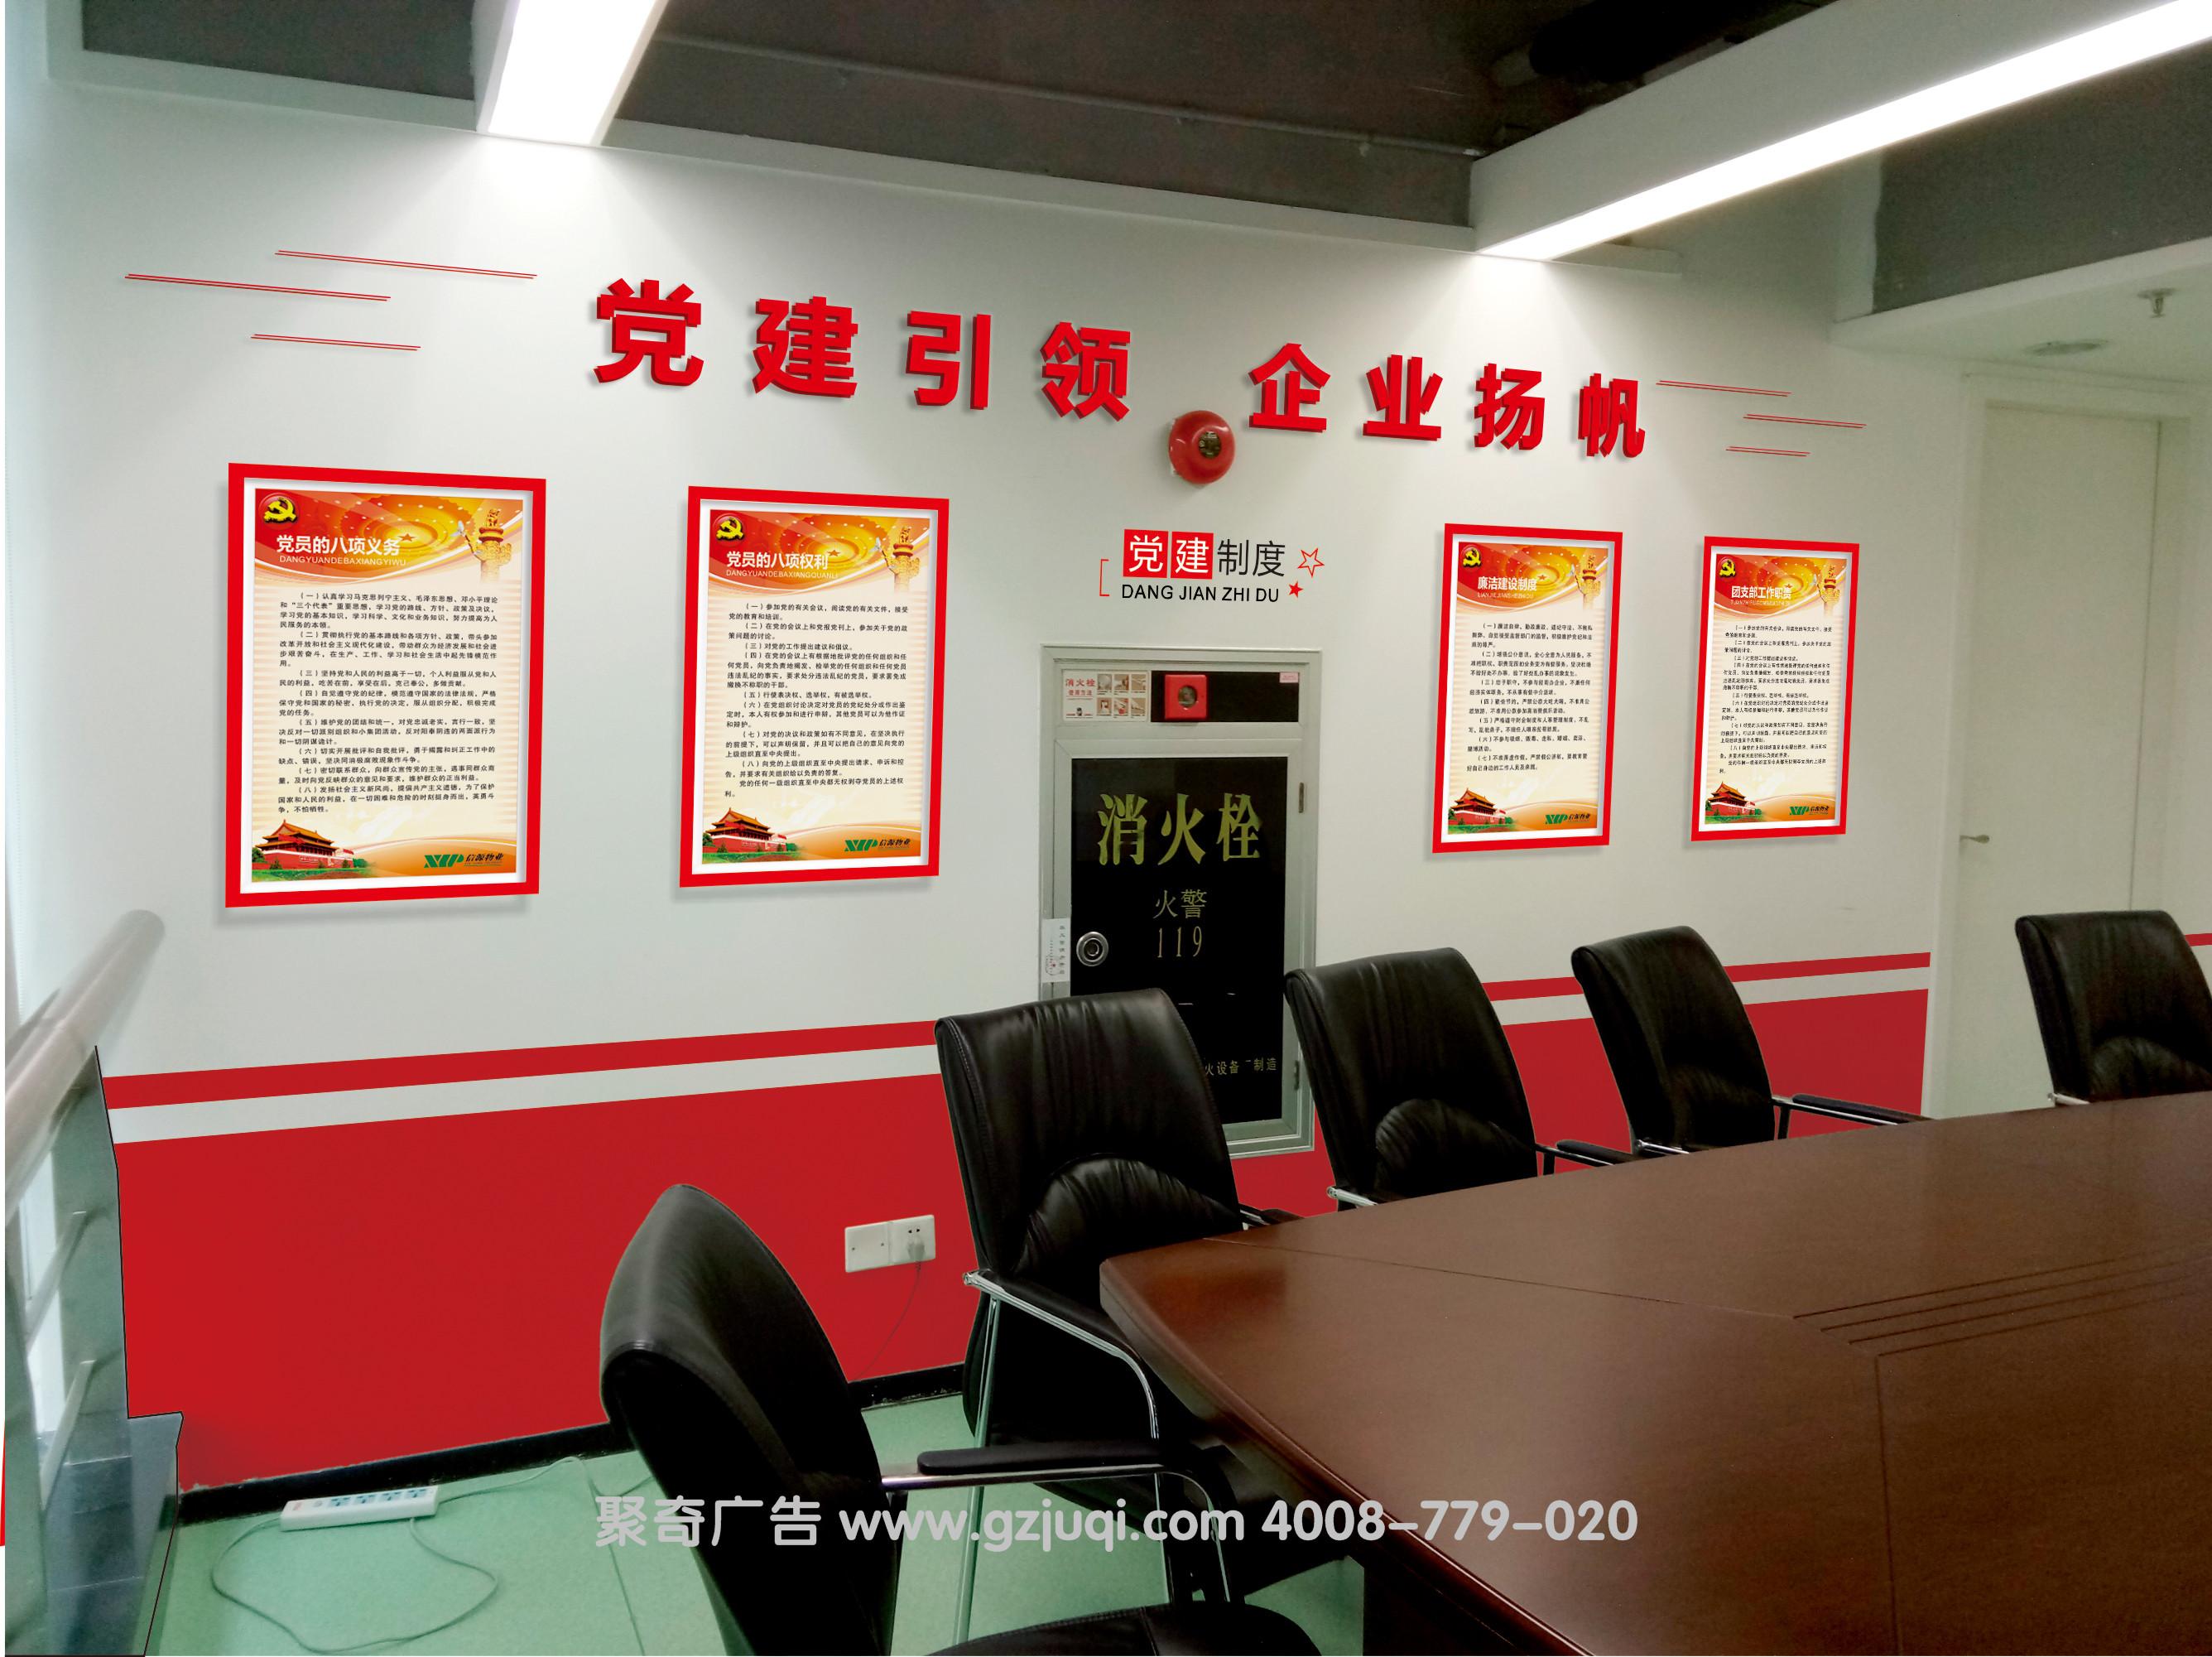 广州信源物业党员活动室设计